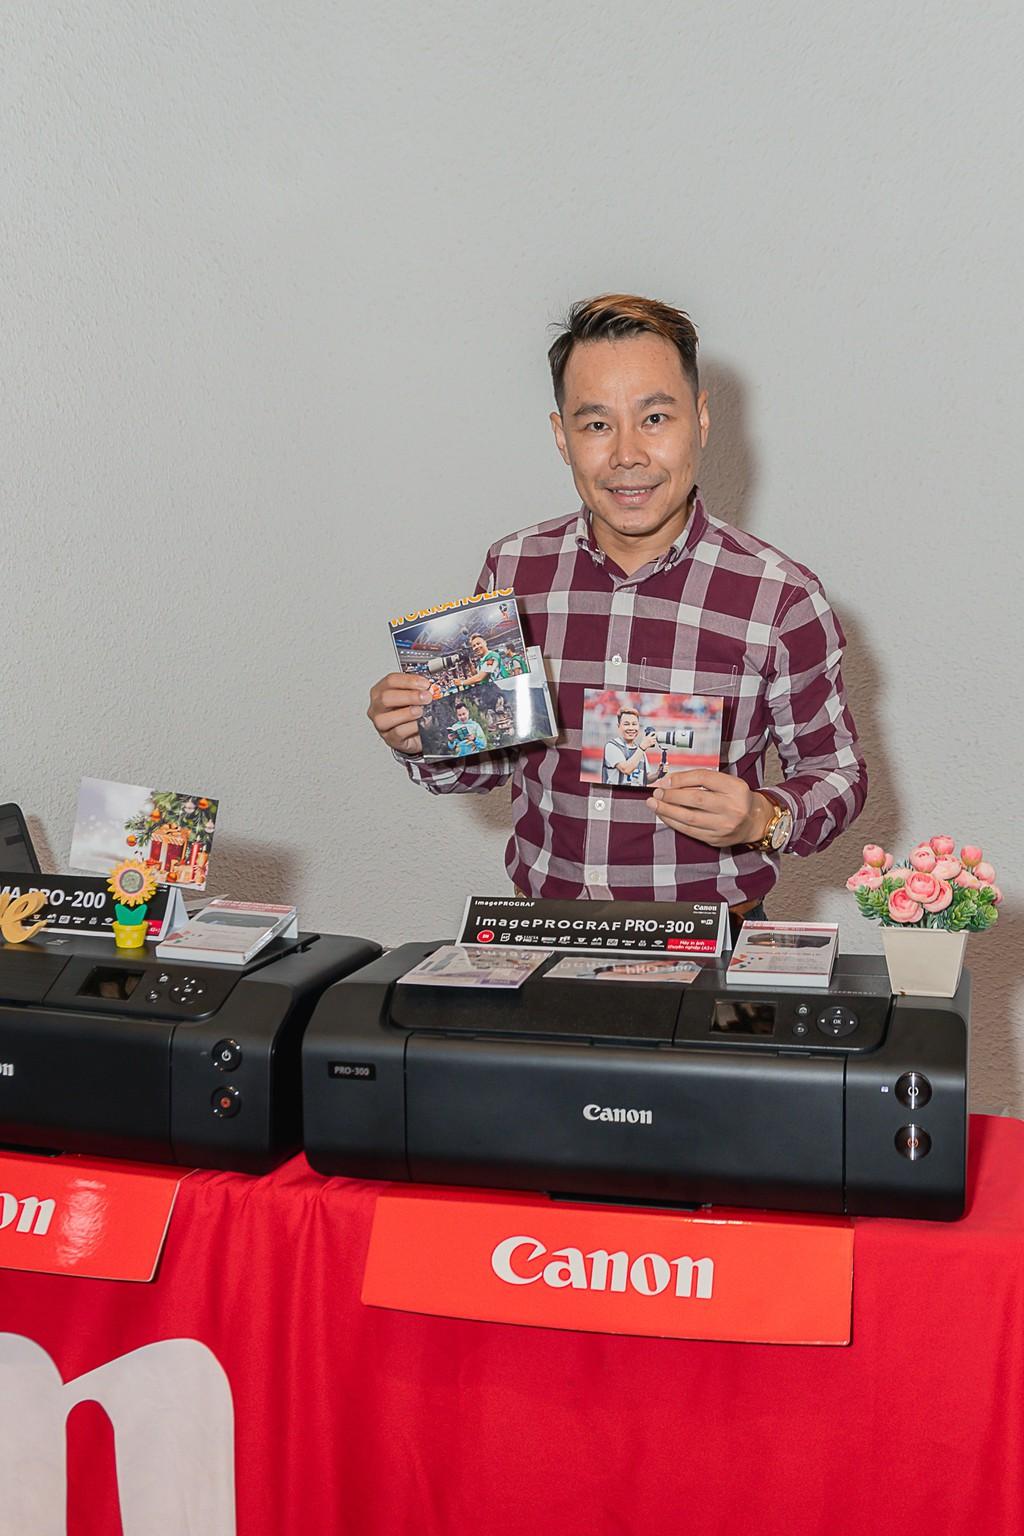 Canon ra mắt loạt máy in mới dòng G Series cho văn phòng và máy in ảnh chuyên nghiệp in đến khổ A3+ ảnh 9